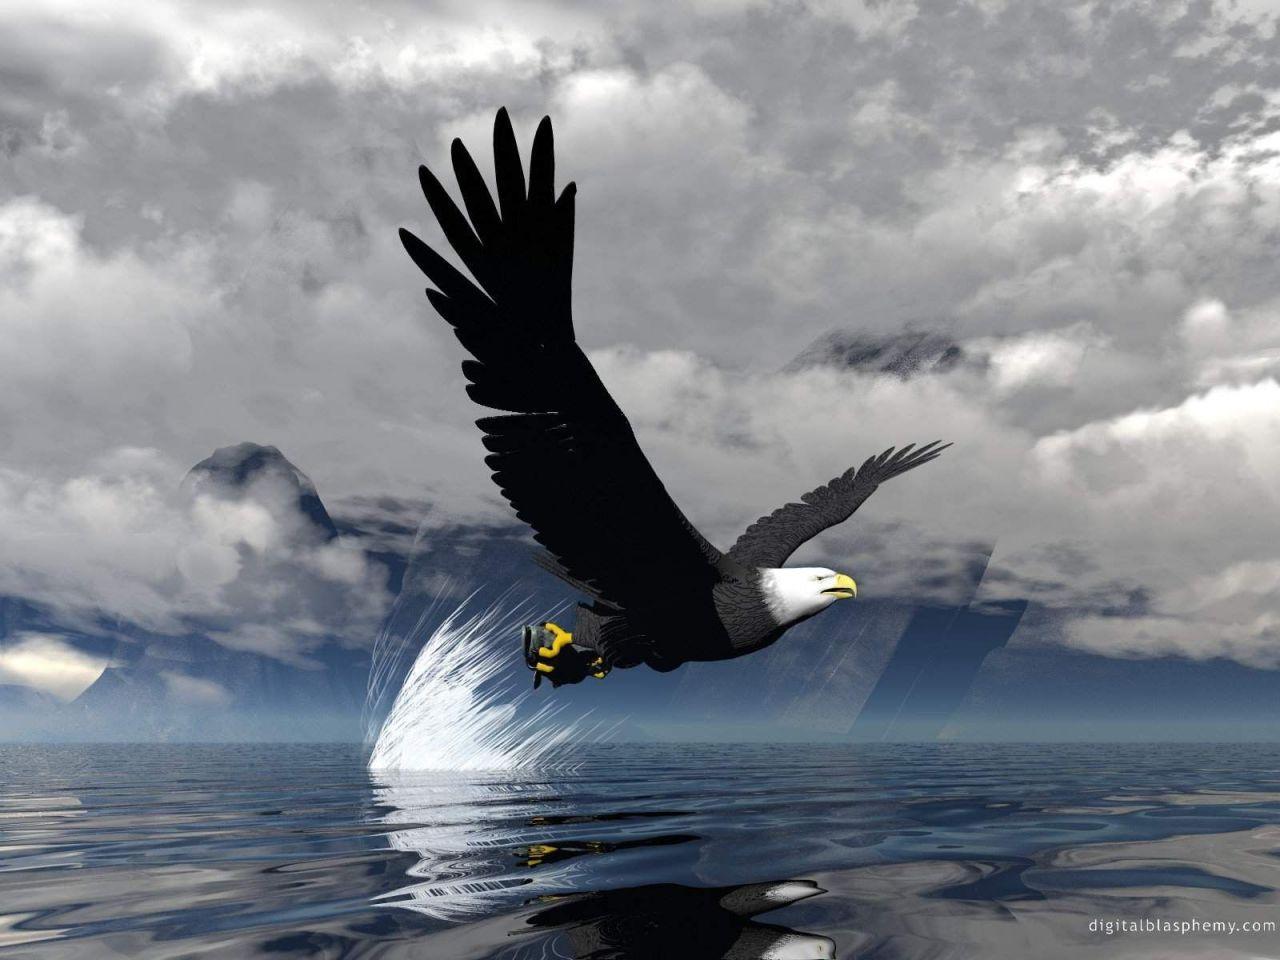 065aac9dbc Que voa no céu tão azul. Abro minha asas. Olho em volta. De norte a sul.  Olho ao longe te vejo caça. Afio as garras ... Num mergulho afiado. Como ...